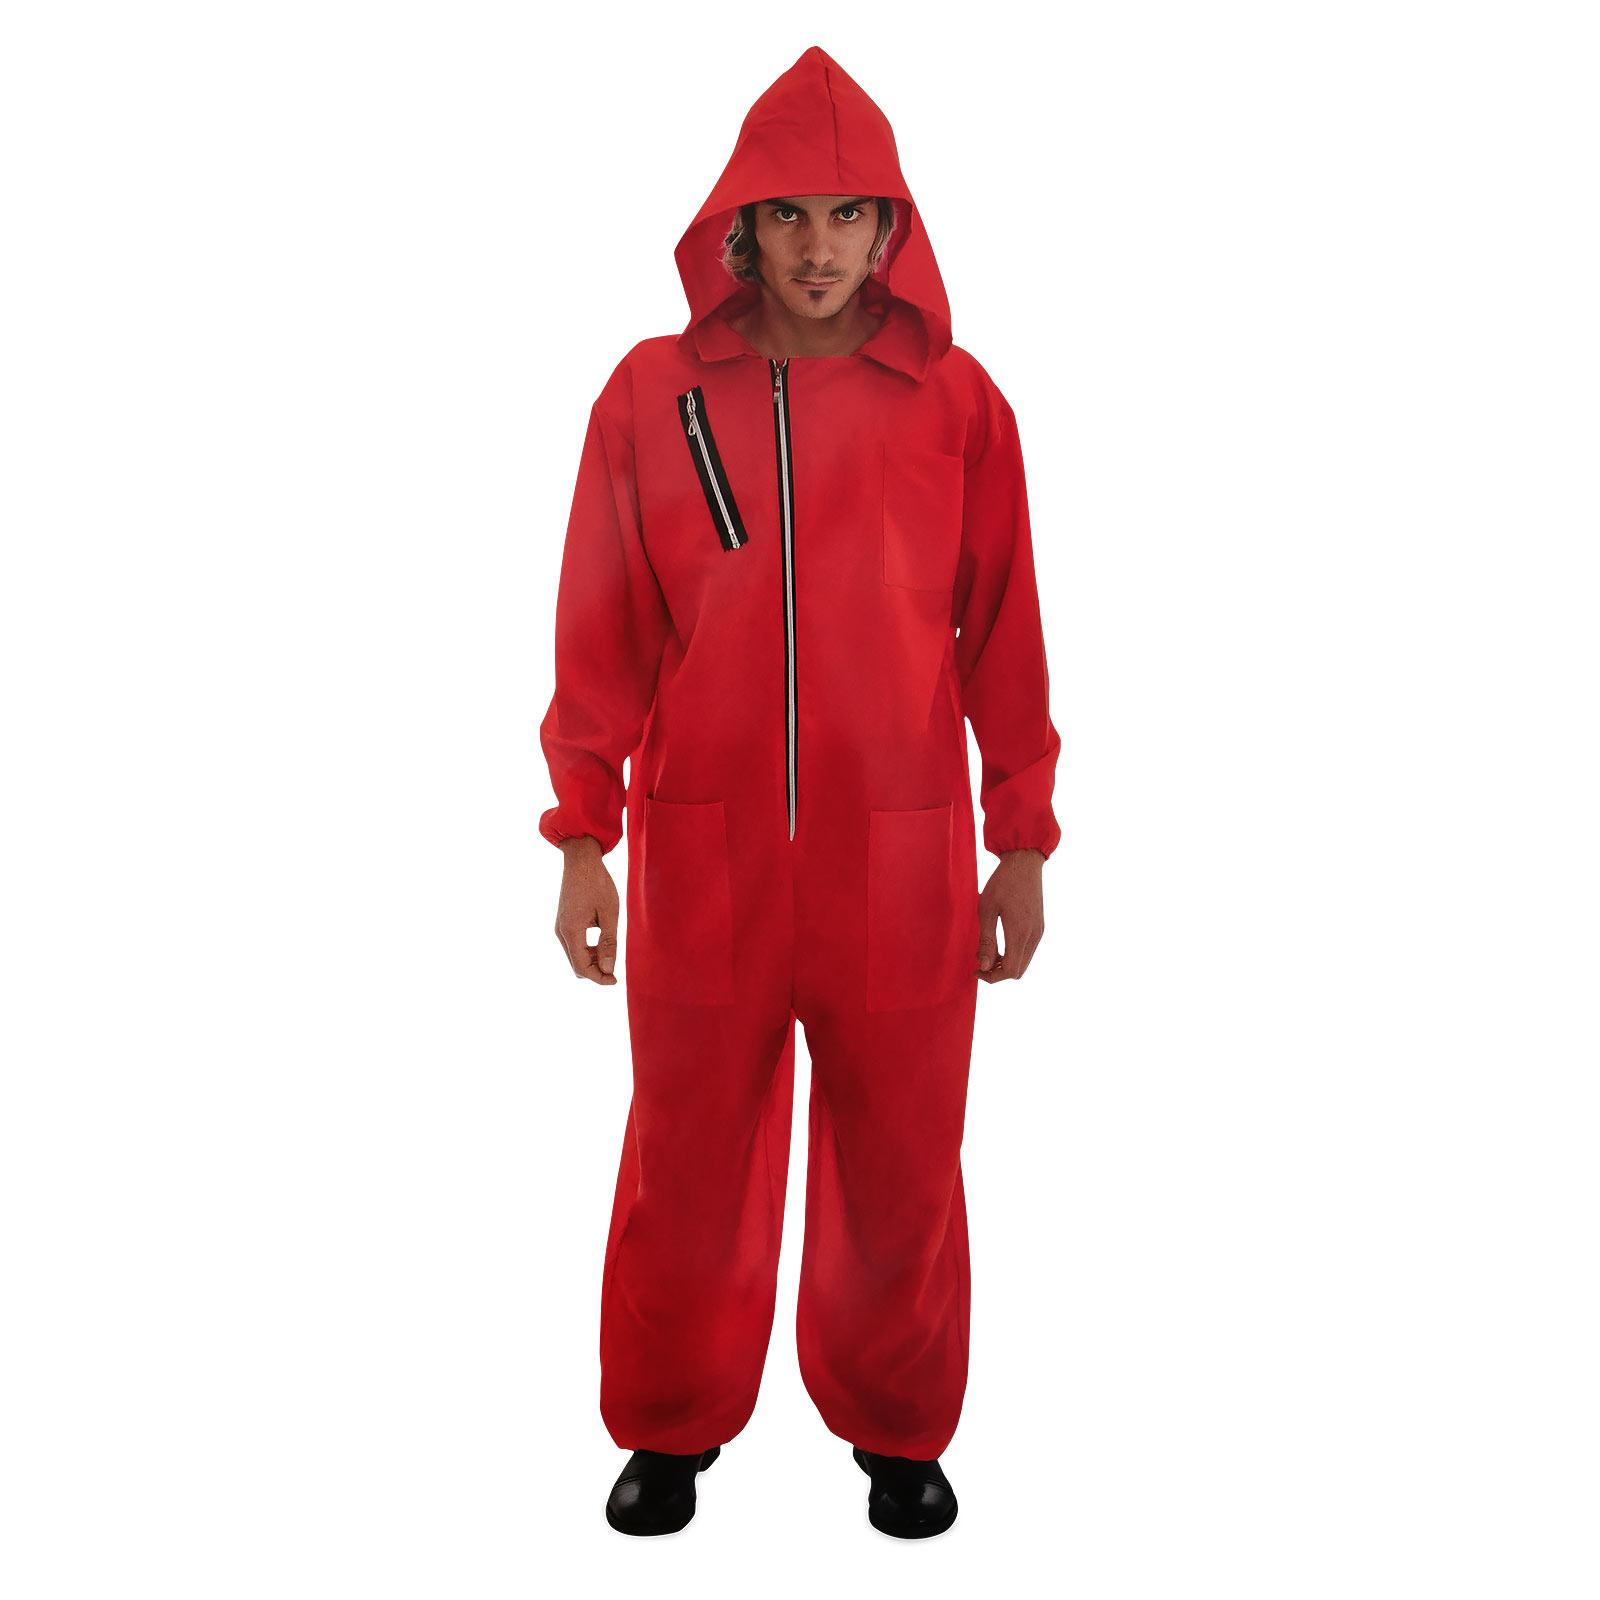 Roter Räuber Kostüm für Haus des Geldes Fans